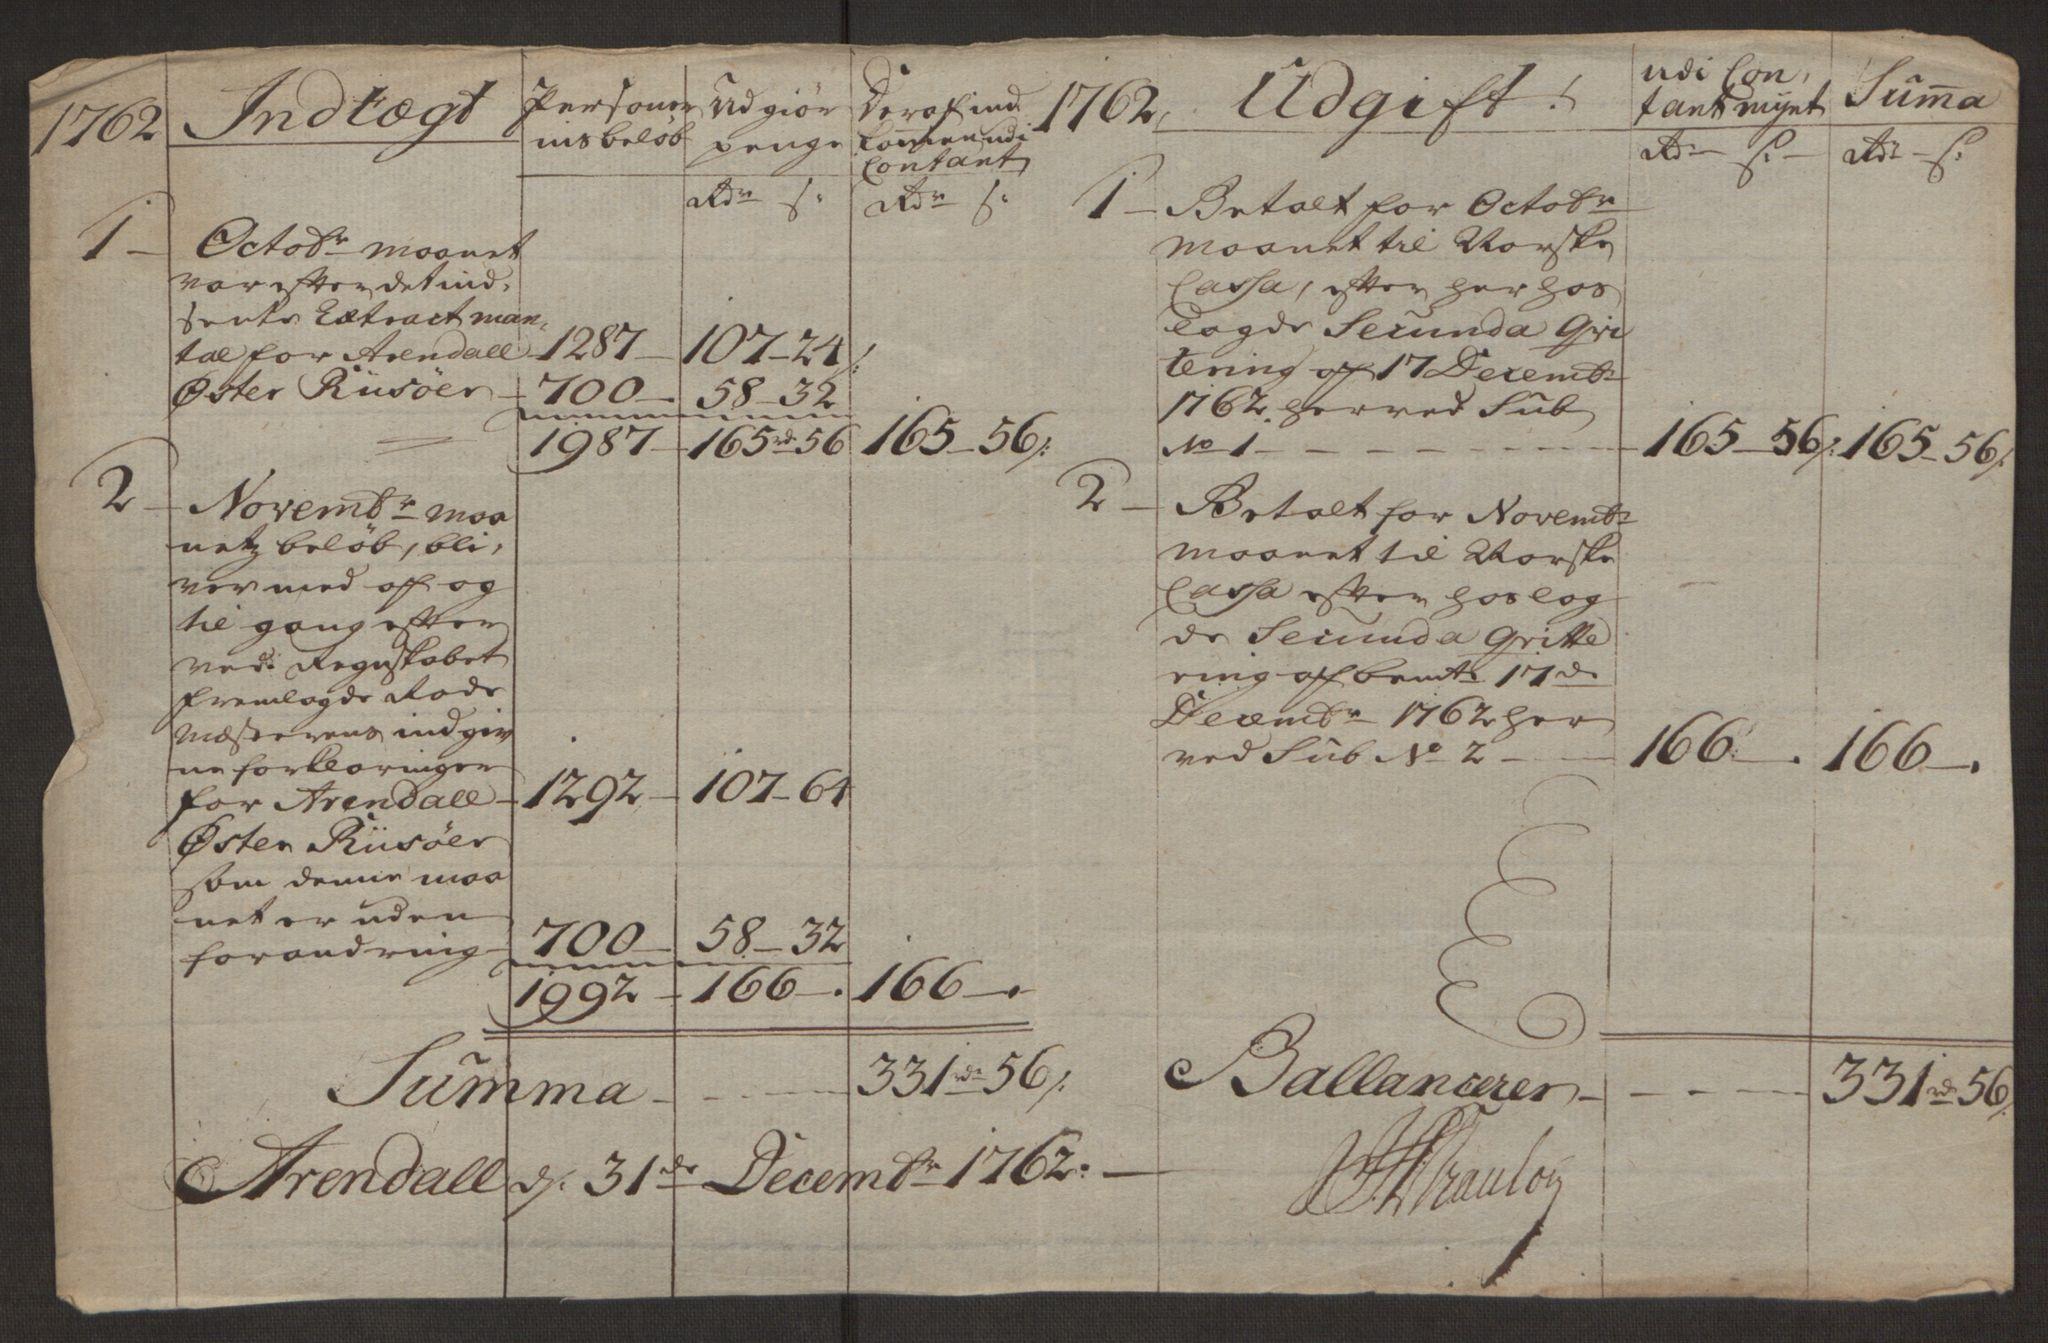 RA, Rentekammeret inntil 1814, Reviderte regnskaper, Byregnskaper, R/Rl/L0230: [L4] Kontribusjonsregnskap, 1762-1764, s. 90